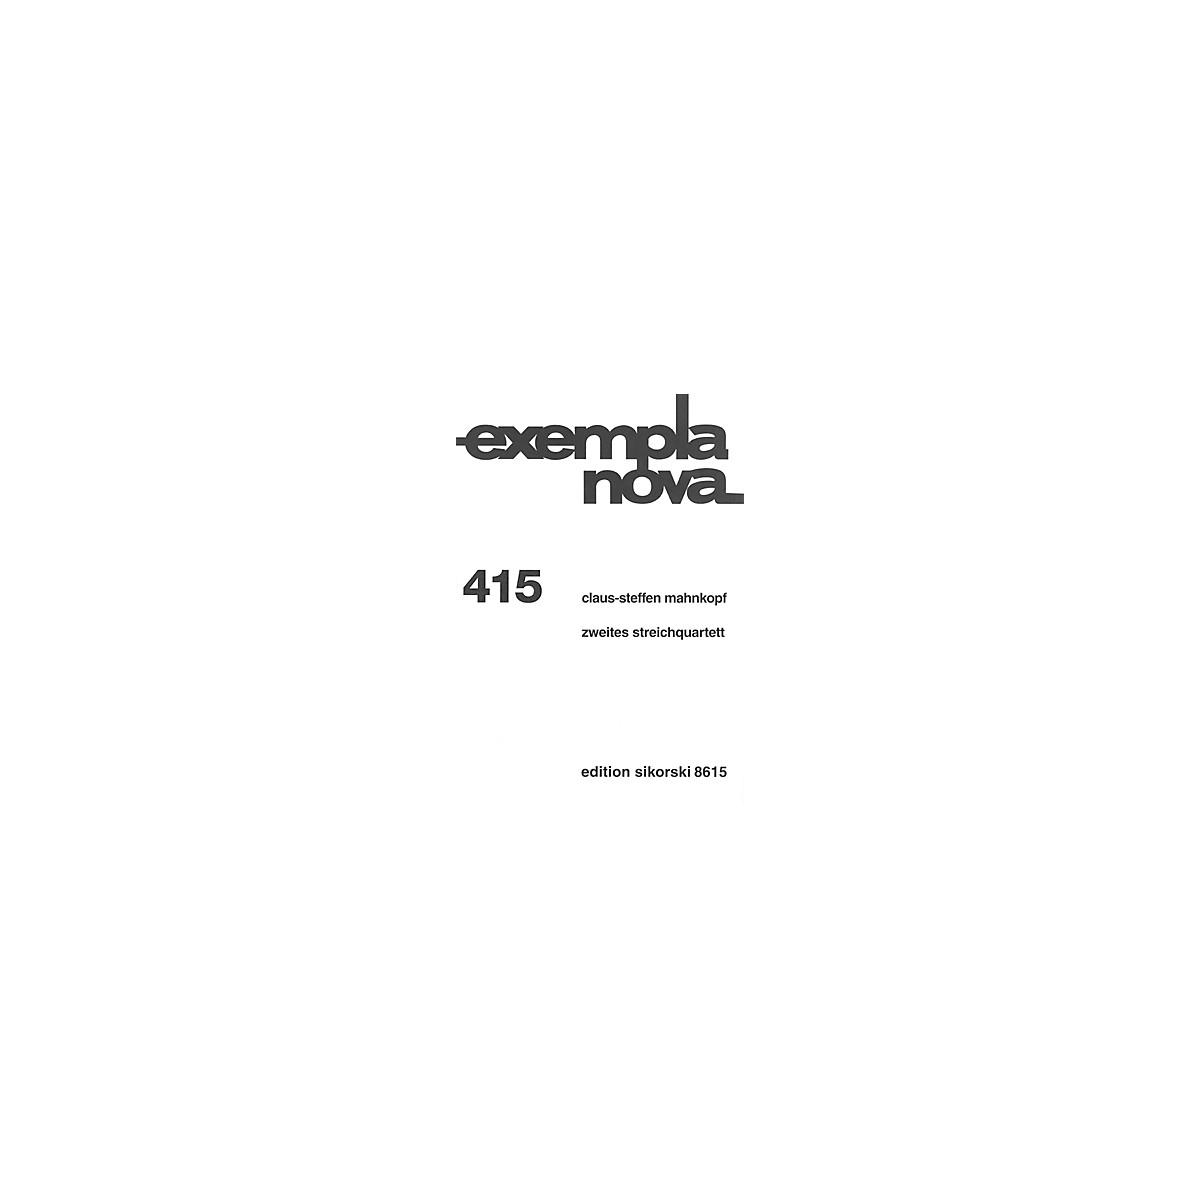 Sikorski String Quartet No. 2 (Zweites streichquartett) String Ensemble Series Softcover by Claus-Steffen Mahnkopf